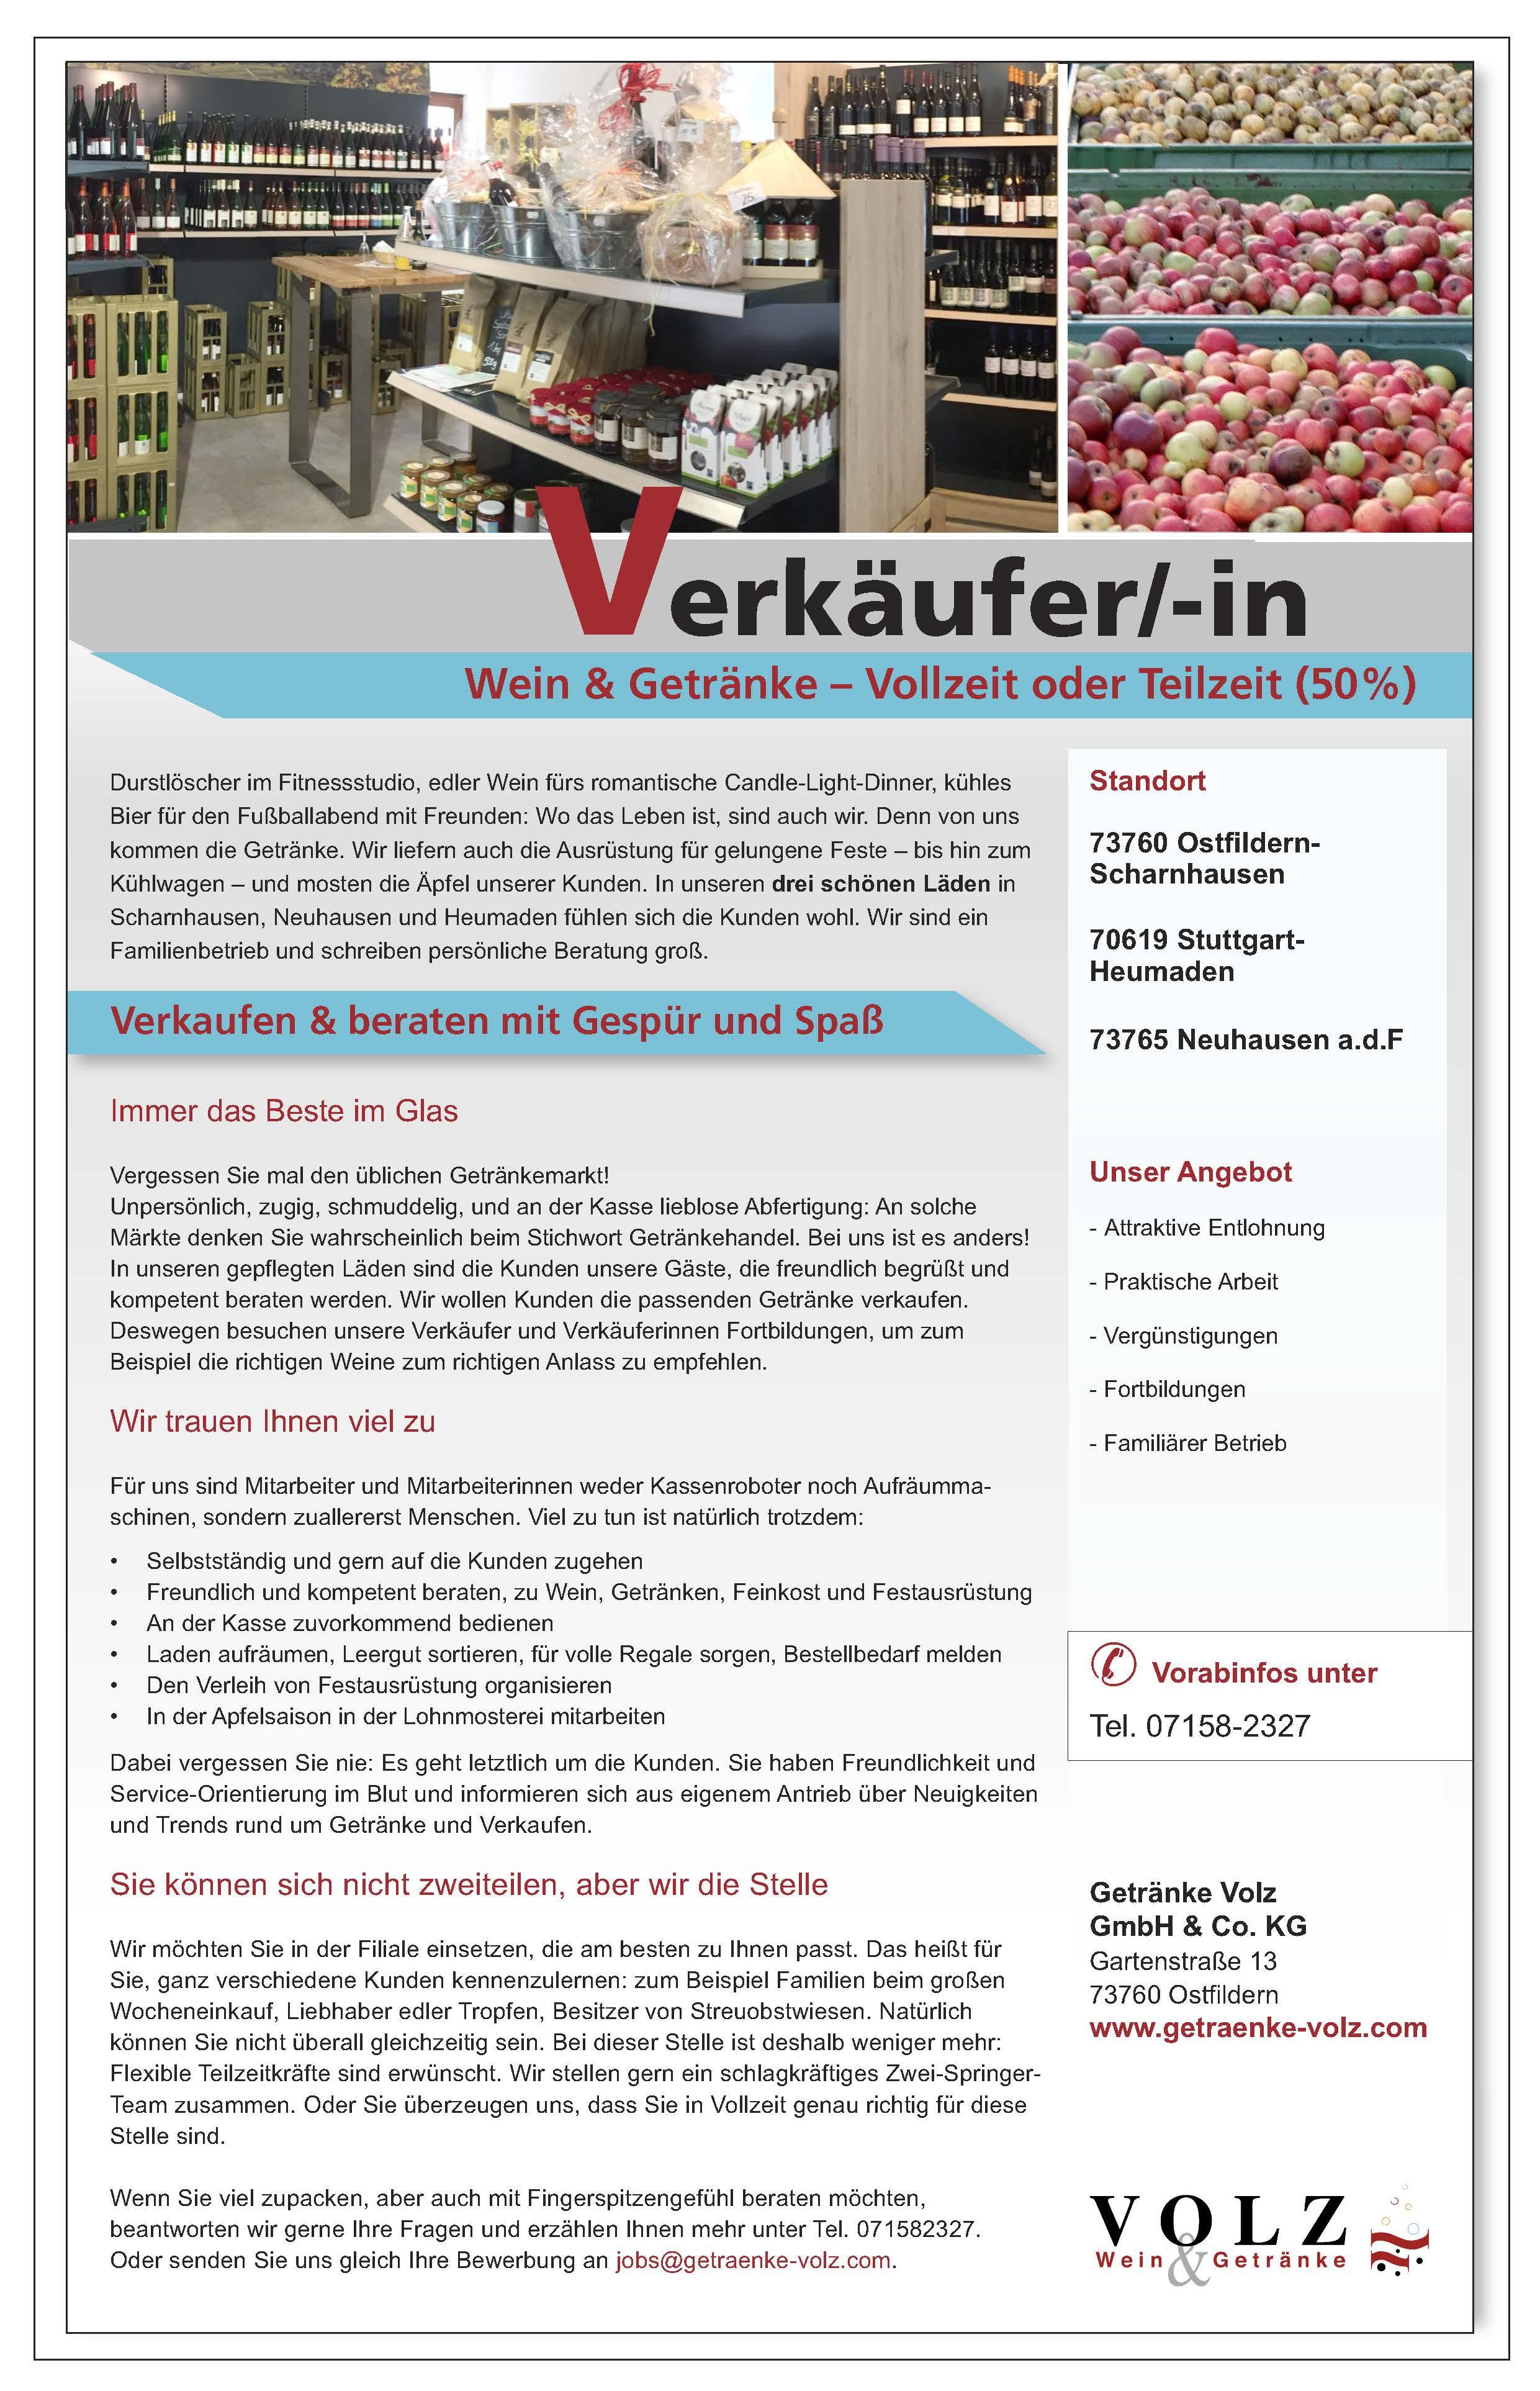 Fein Getränke Volz Scharnhausen Zeitgenössisch - Die Besten ...